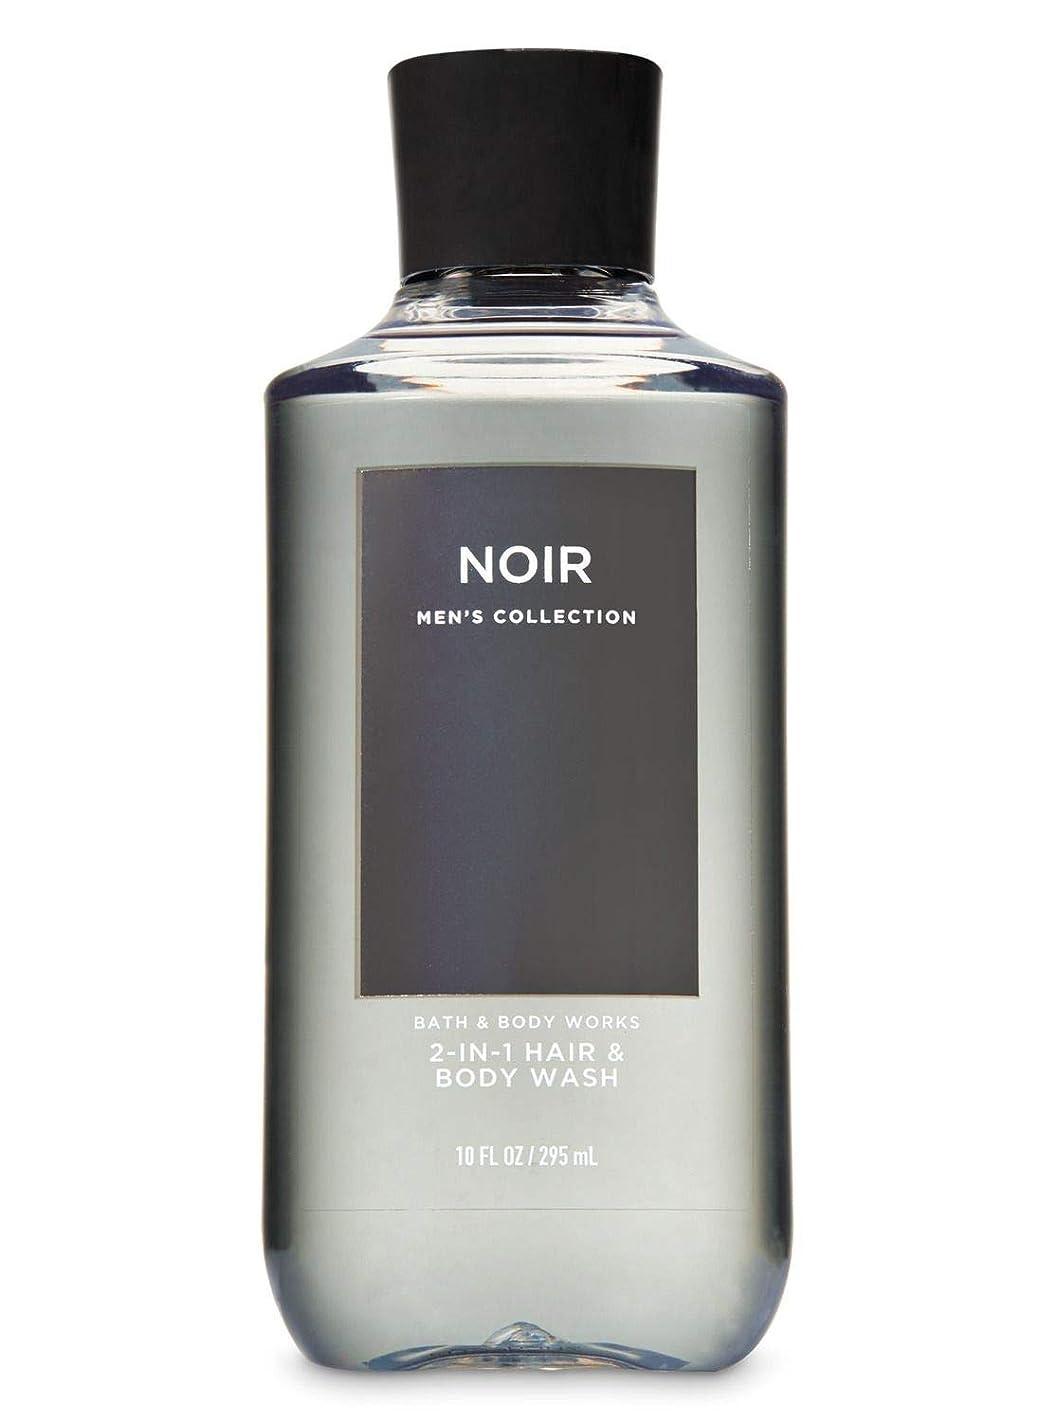 デコレーションサイクルどこ【並行輸入品】Bath & Body Works Noir 2-in-1 Hair + Body Wash 295 mL